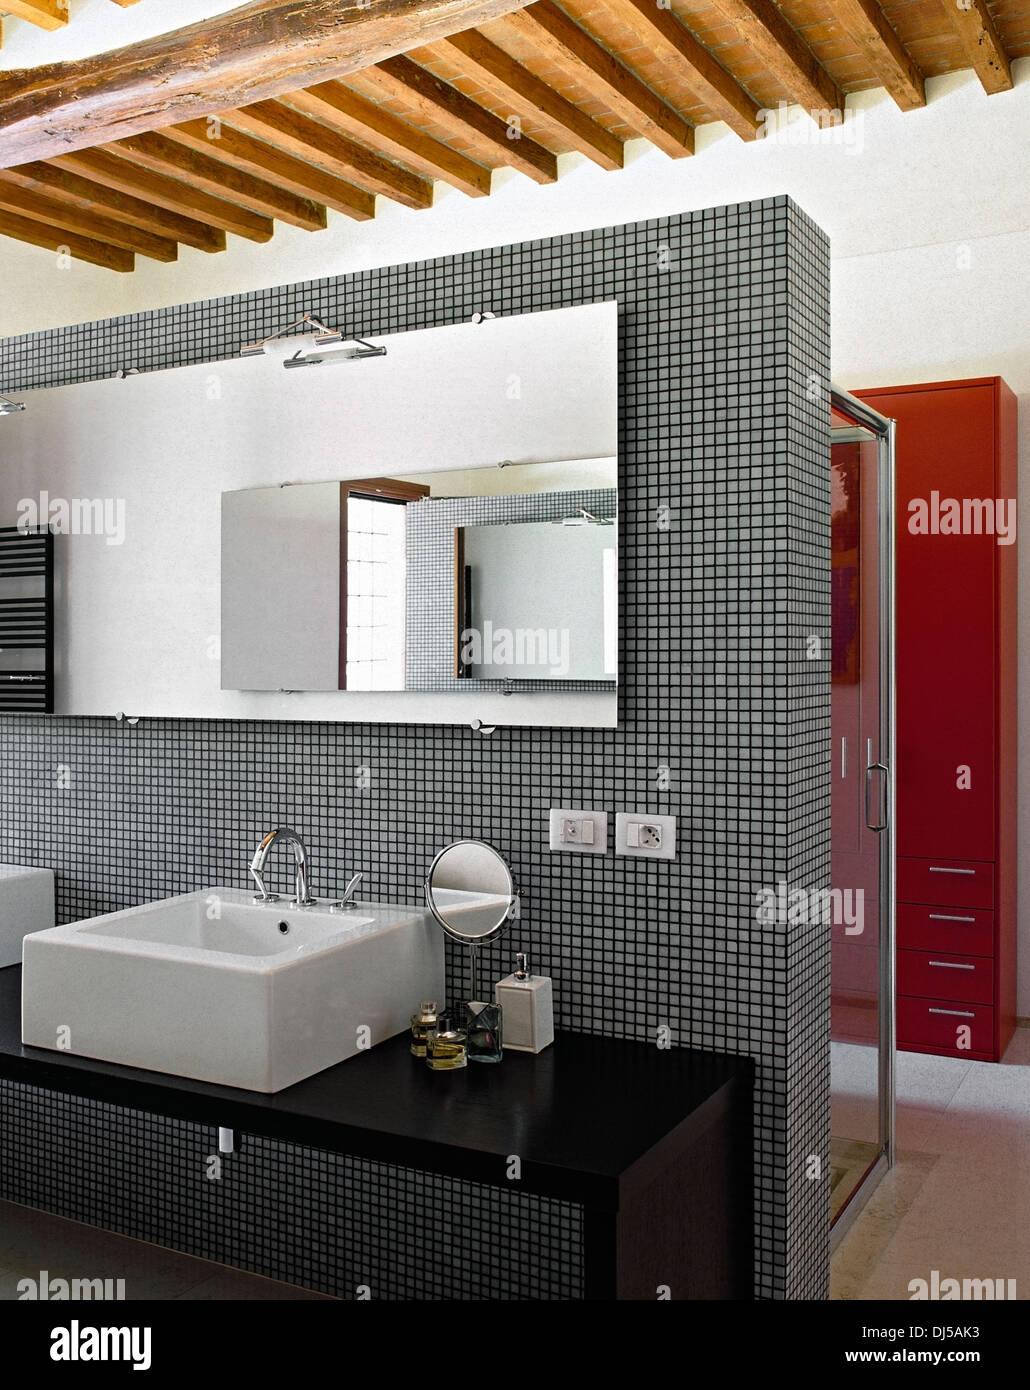 Detail Der Waschtisch In Ein Modernes Bad Mit Kassettendecke Und Mosaik  Fliesen